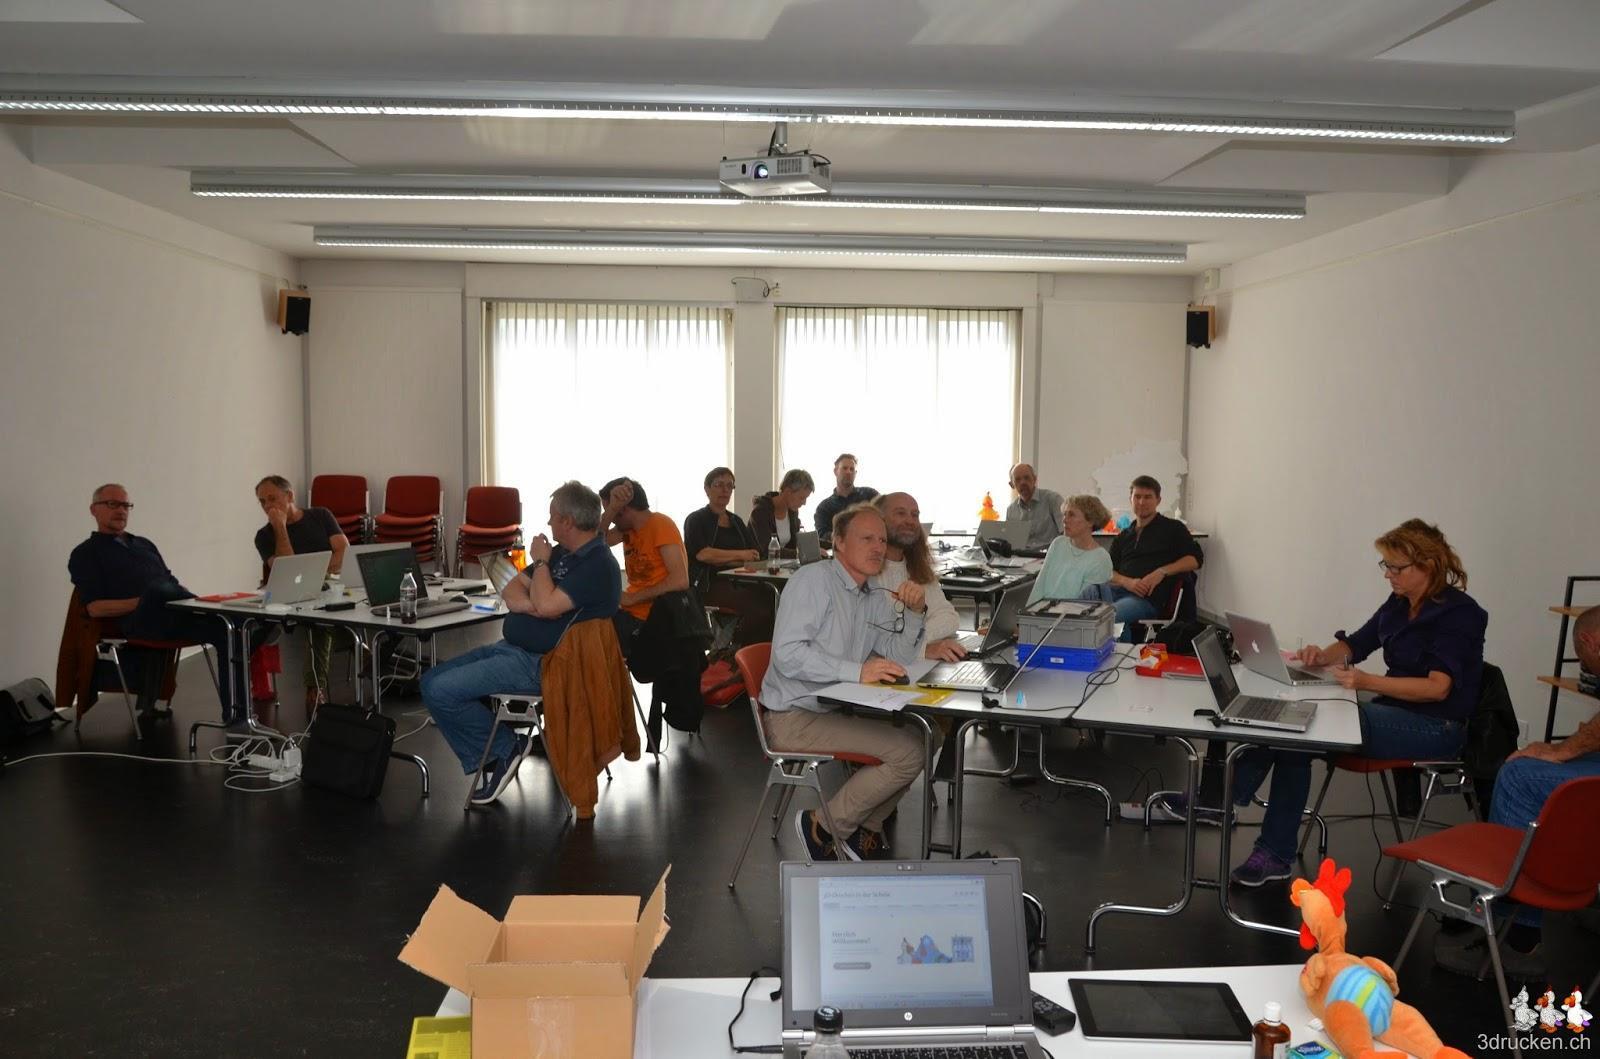 Foto der Teilnehmerinnen und Teilnehmer am Zuhören im Kursraum